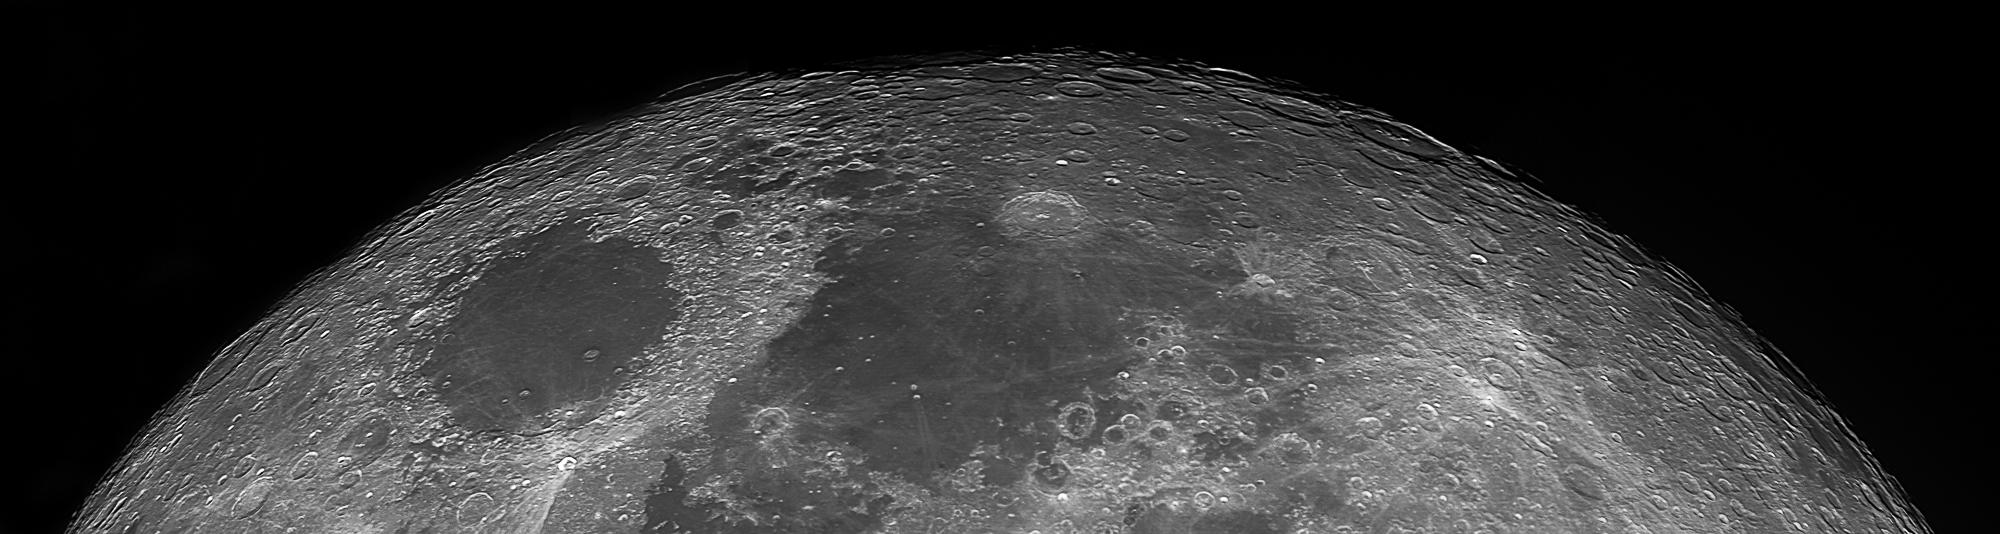 Panorama réalisé à partir de 4 clichés - compilationb de 4 vidéos de 3000 images chacune à 57i/s. Maksutov 180/2700mm, caméra ZWO 174MM, filtre UV/IR cut